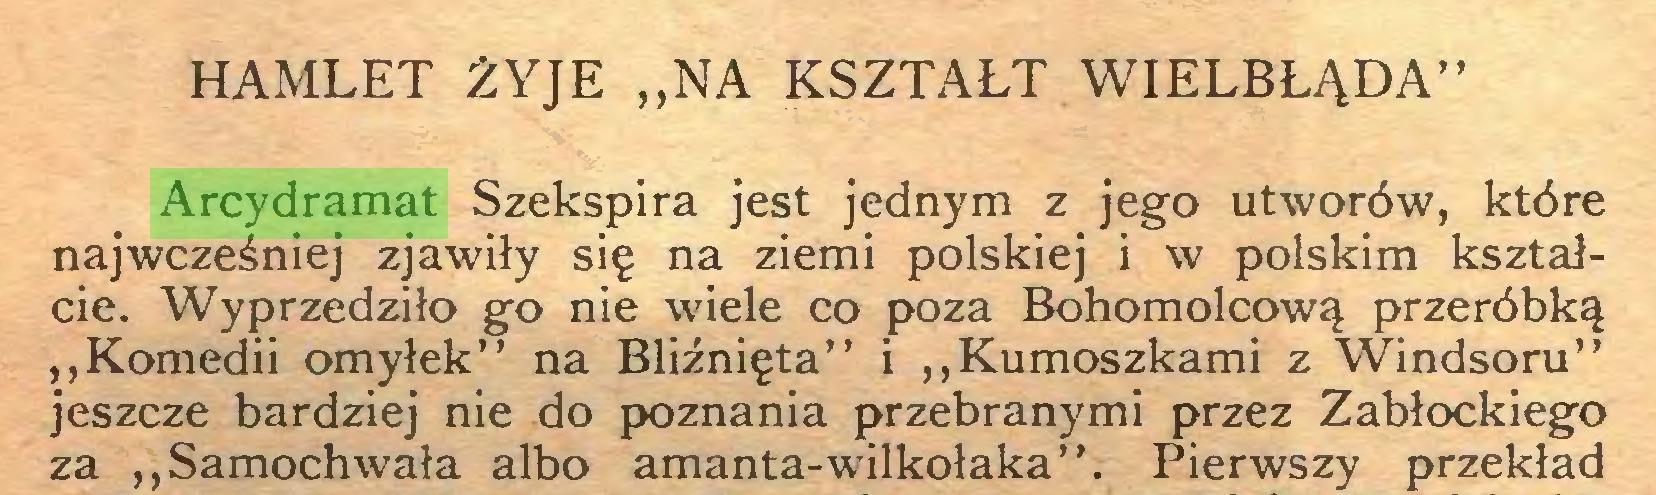 """(...) HAMLET ŻYJE """"NA KSZTAŁT WIELBŁĄDA"""" Arcydramat Szekspira jest jednym z jego utworów, które najwcześniej zjawiły się na ziemi polskiej i w polskim kształcie. Wyprzedziło go nie wiele co poza Bohomolcową przeróbką """"Komedii omyłek"""" na Bliźnięta"""" i """"Kumoszkami z Windsoru"""" jeszcze bardziej nie do poznania przebranymi przez Zabłockiego za """"Samochwała albo amanta-wilkołaka"""". Pierwszy przekład..."""